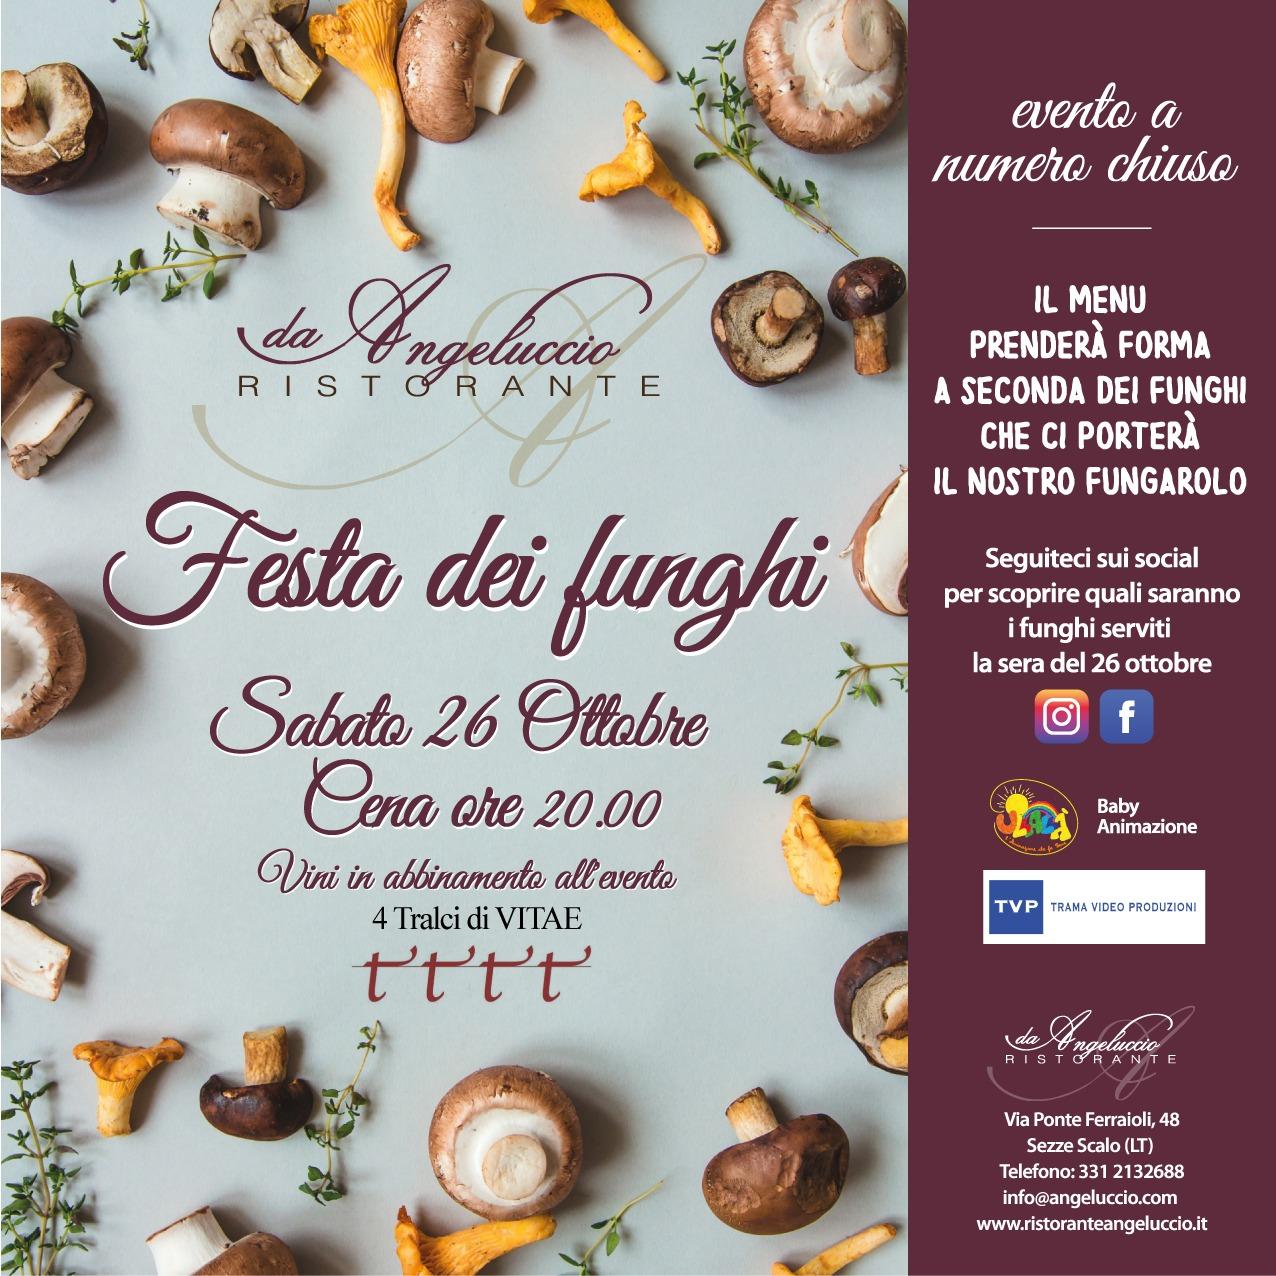 Festa dei funghi: 26 ottobre 2019